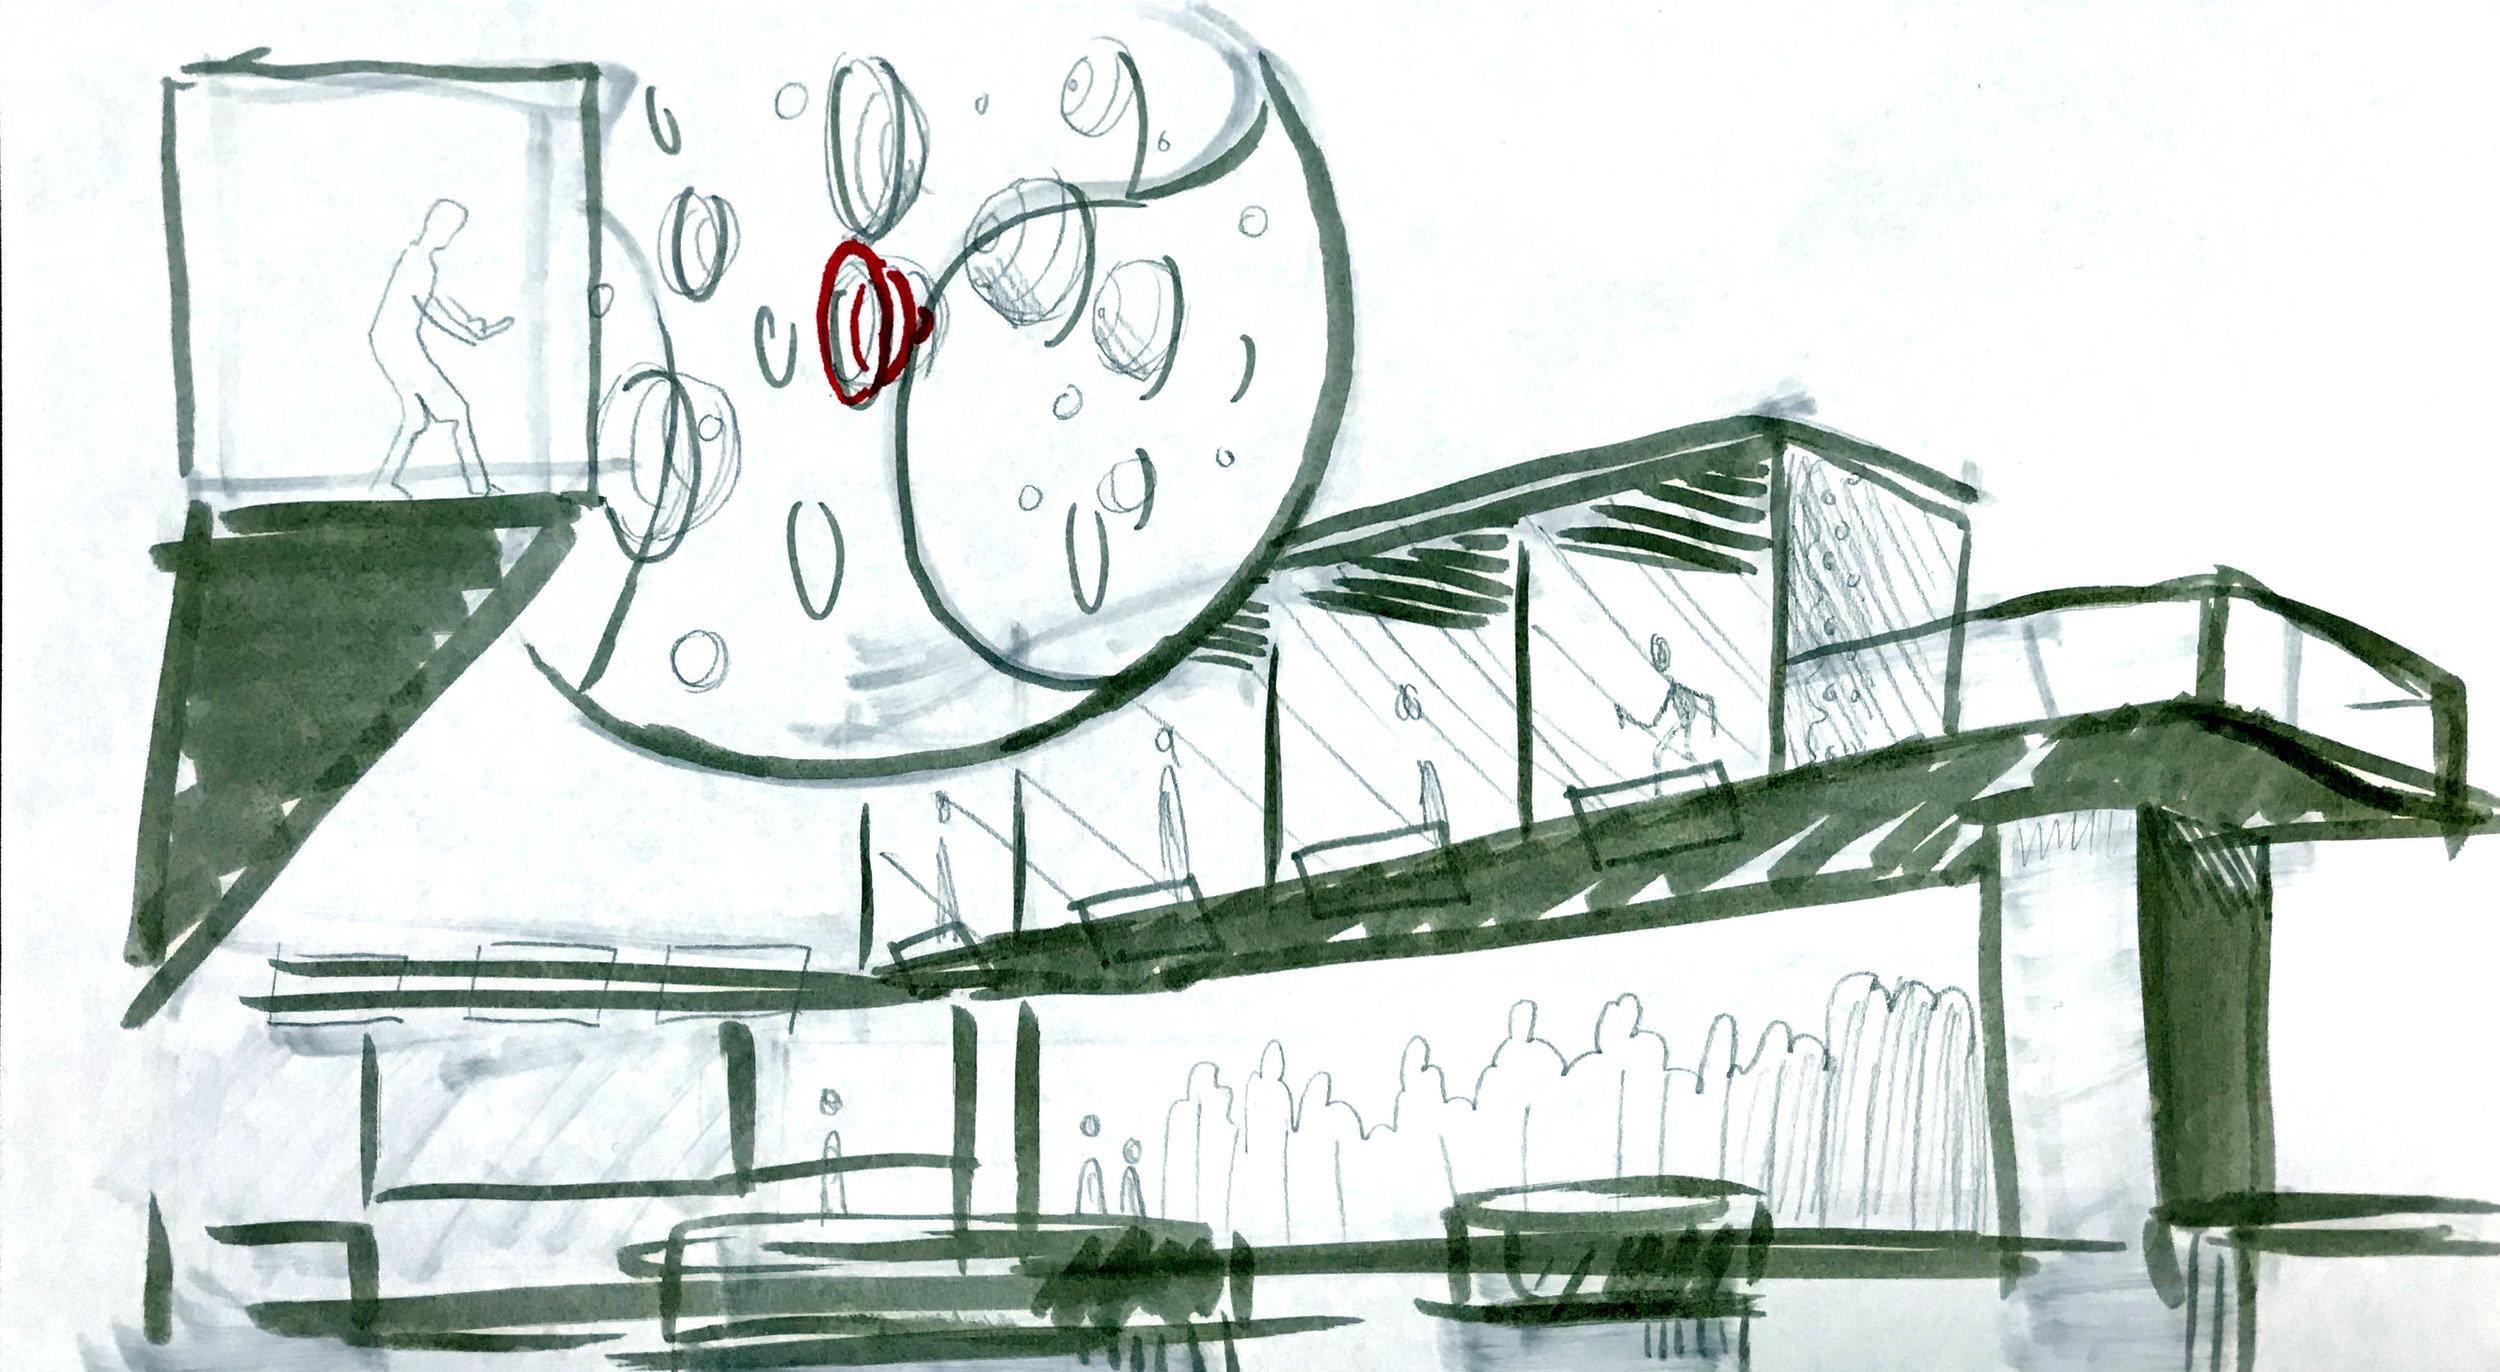 Targets_Sphere02.jpg